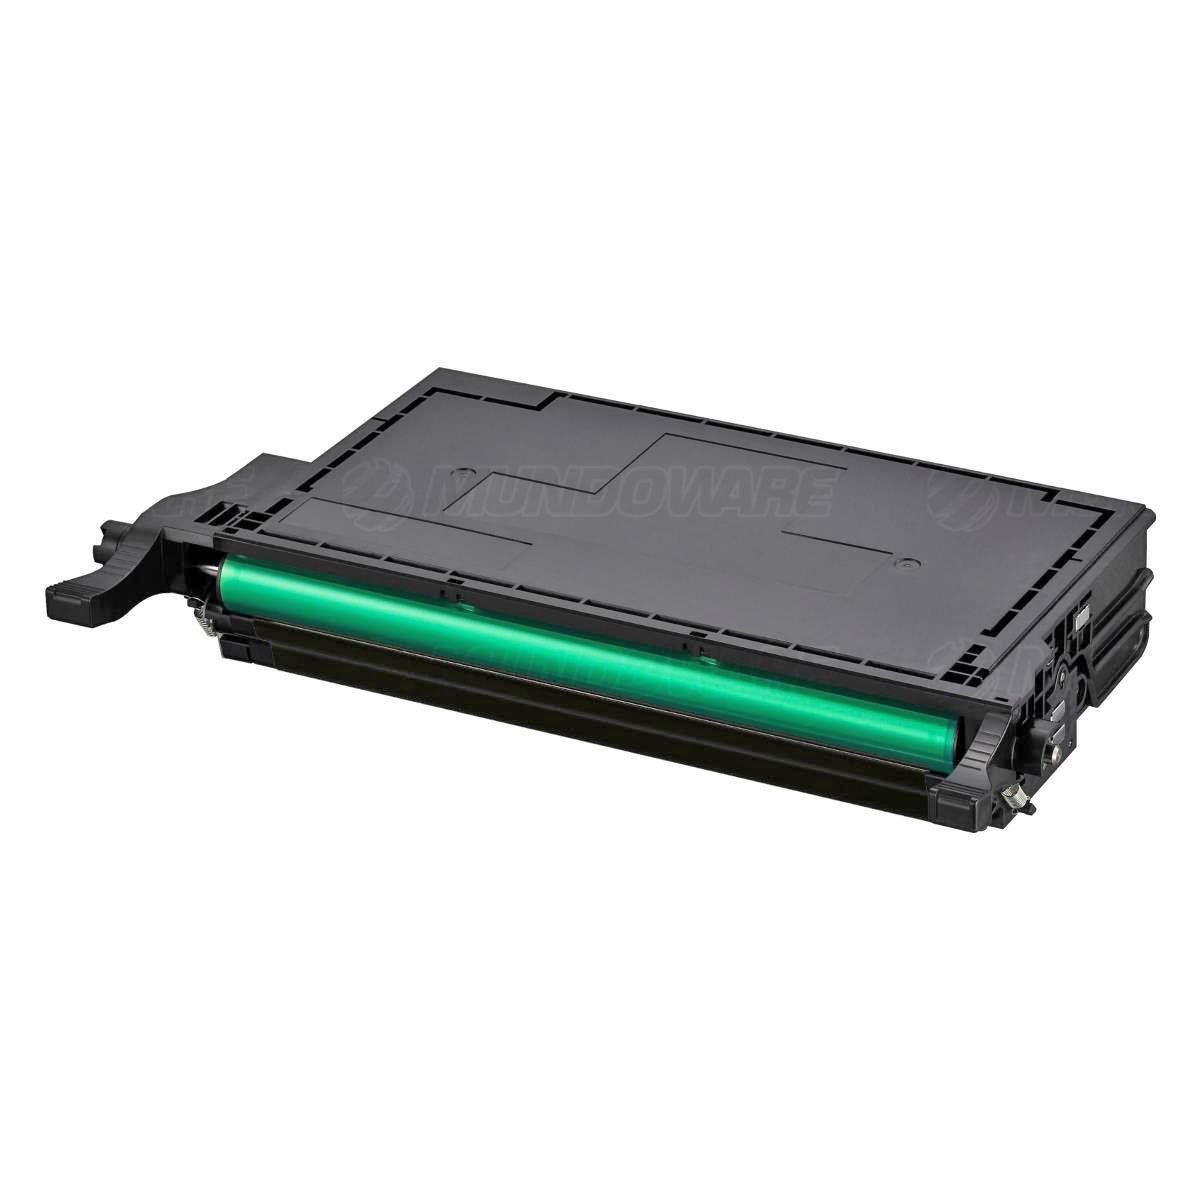 Compatível: Toner CLT-K609S 609S para Samsung CLP-770 CLP-775 CLP-770nd CLP-775nd CLP770nd CLP775nd / Preto / 7.000